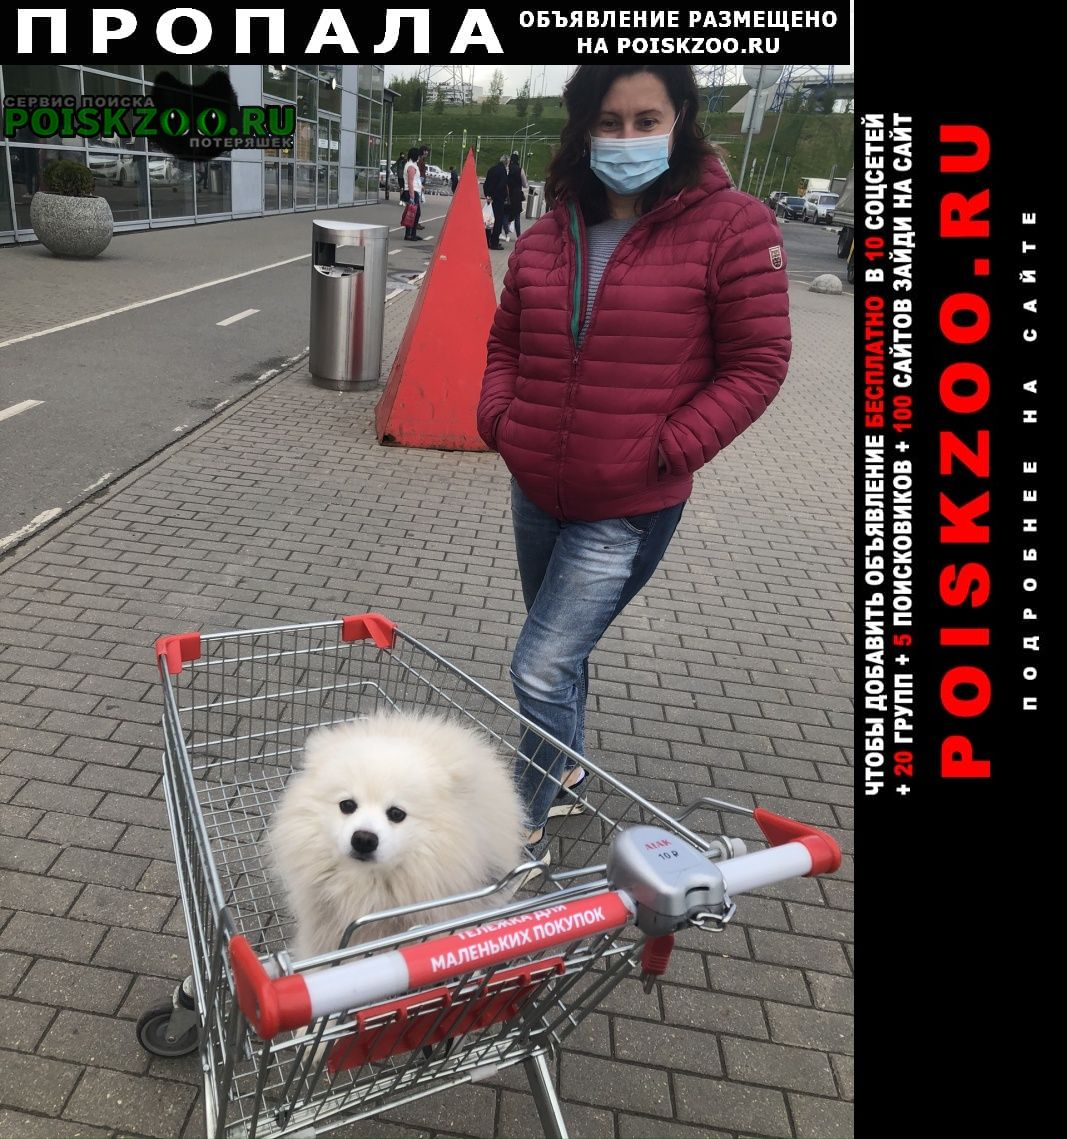 Пропала собака кобель немецкий шпиц Москва